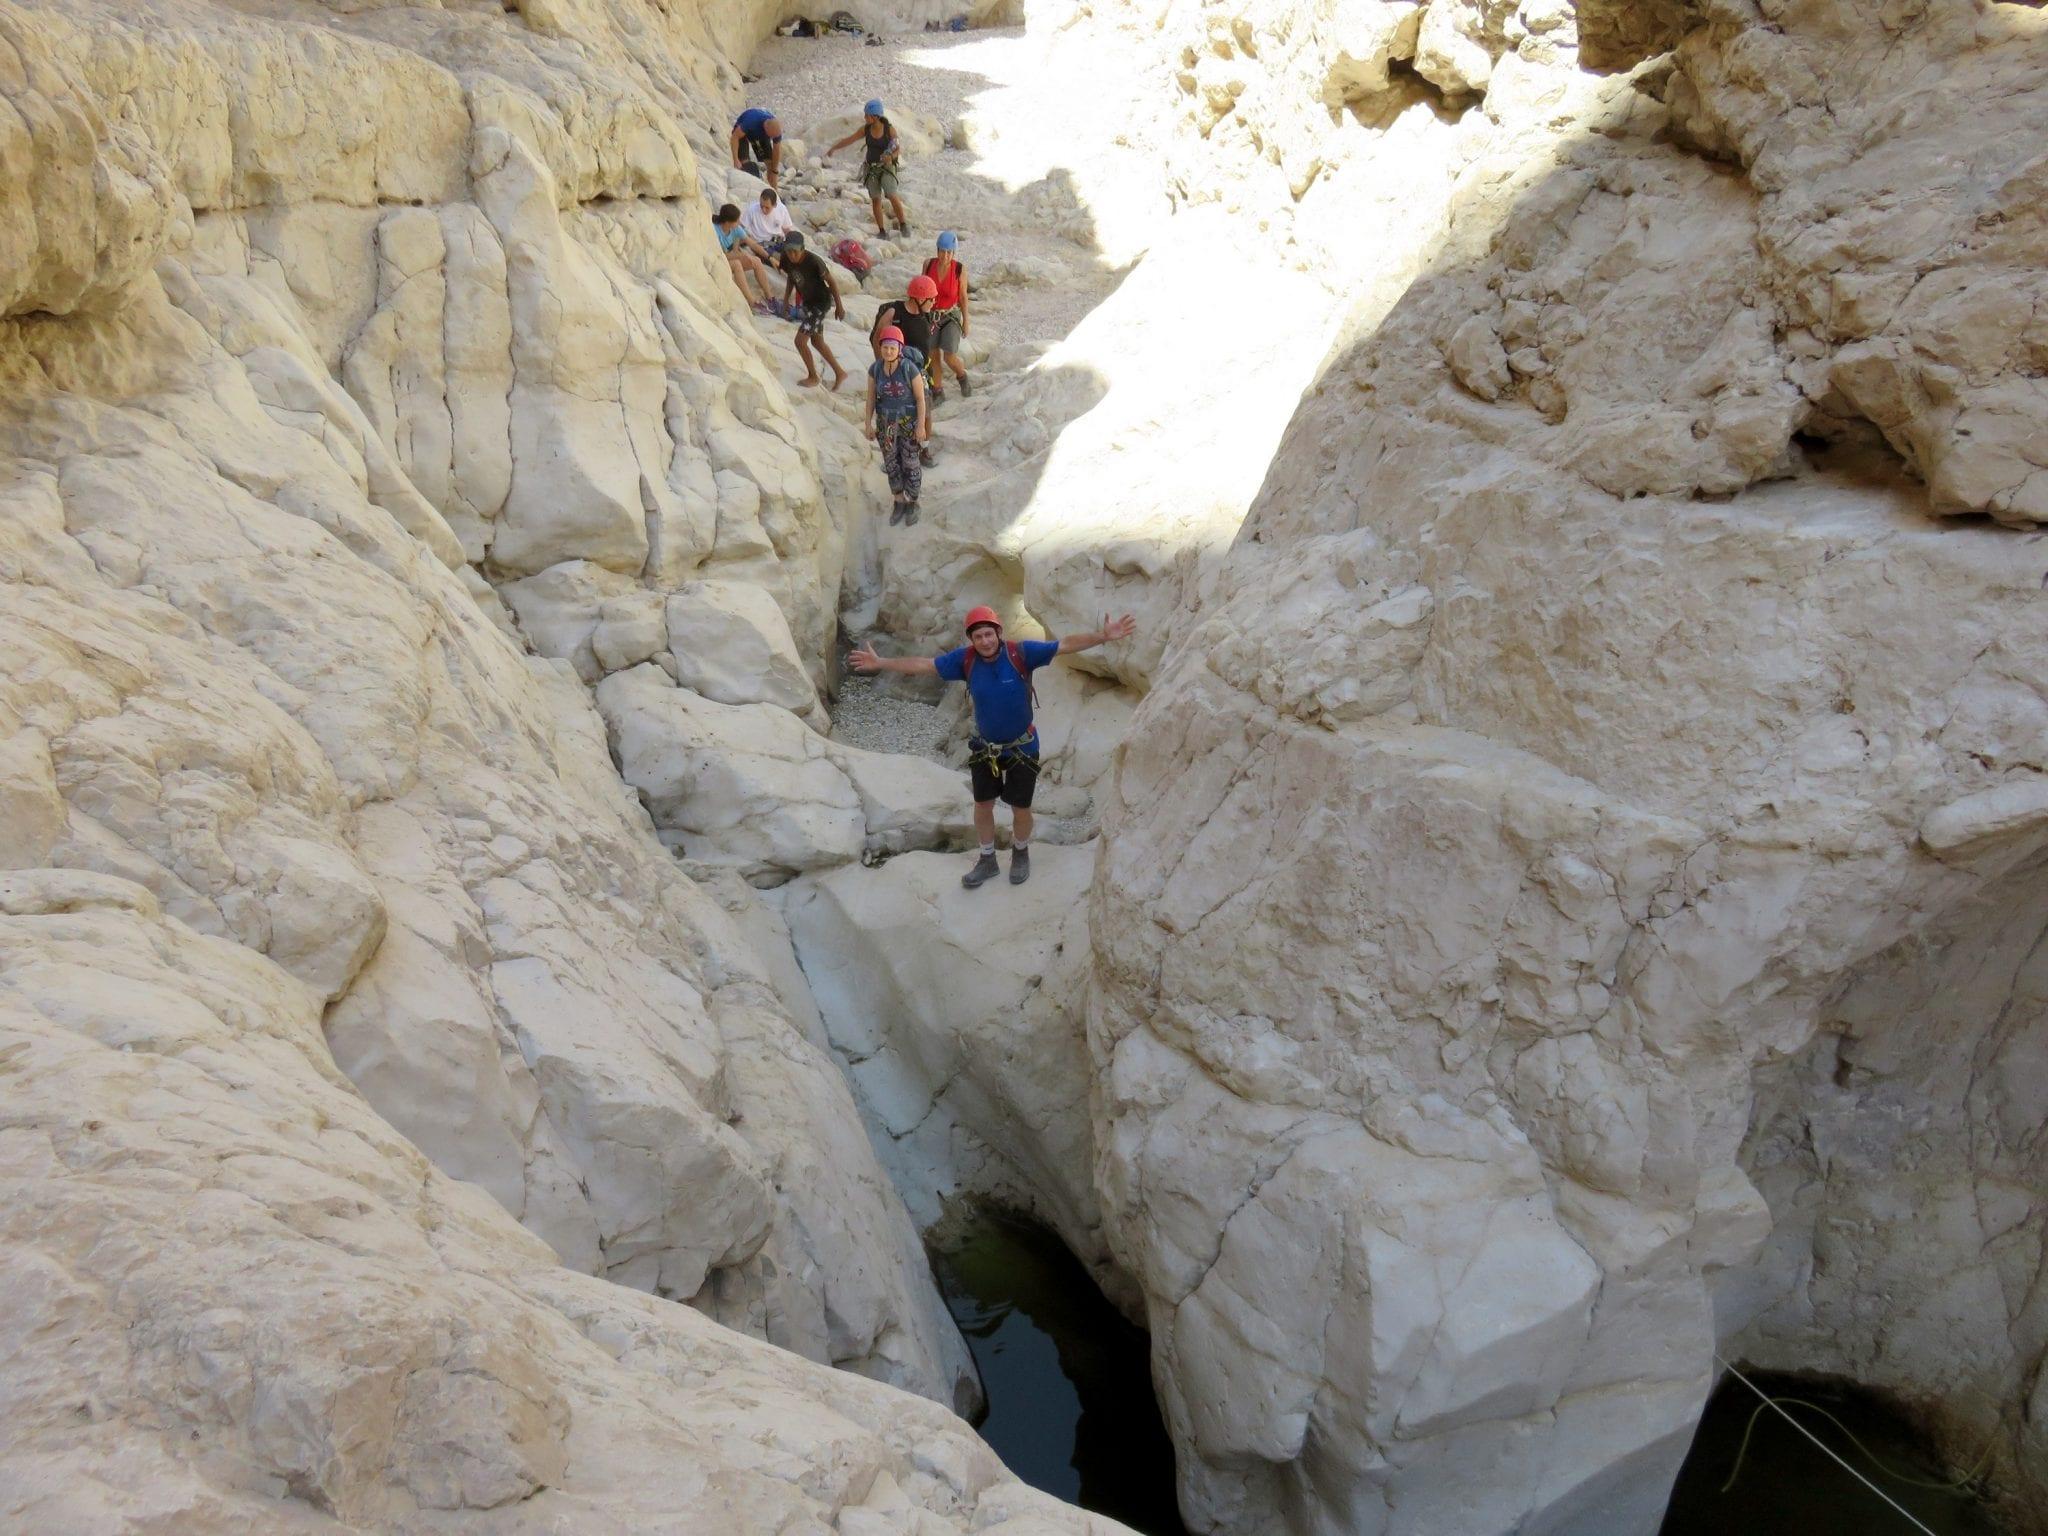 מסלול רחף עליון היפה בקניוני מדבר יהודה - ערוצים בטבע